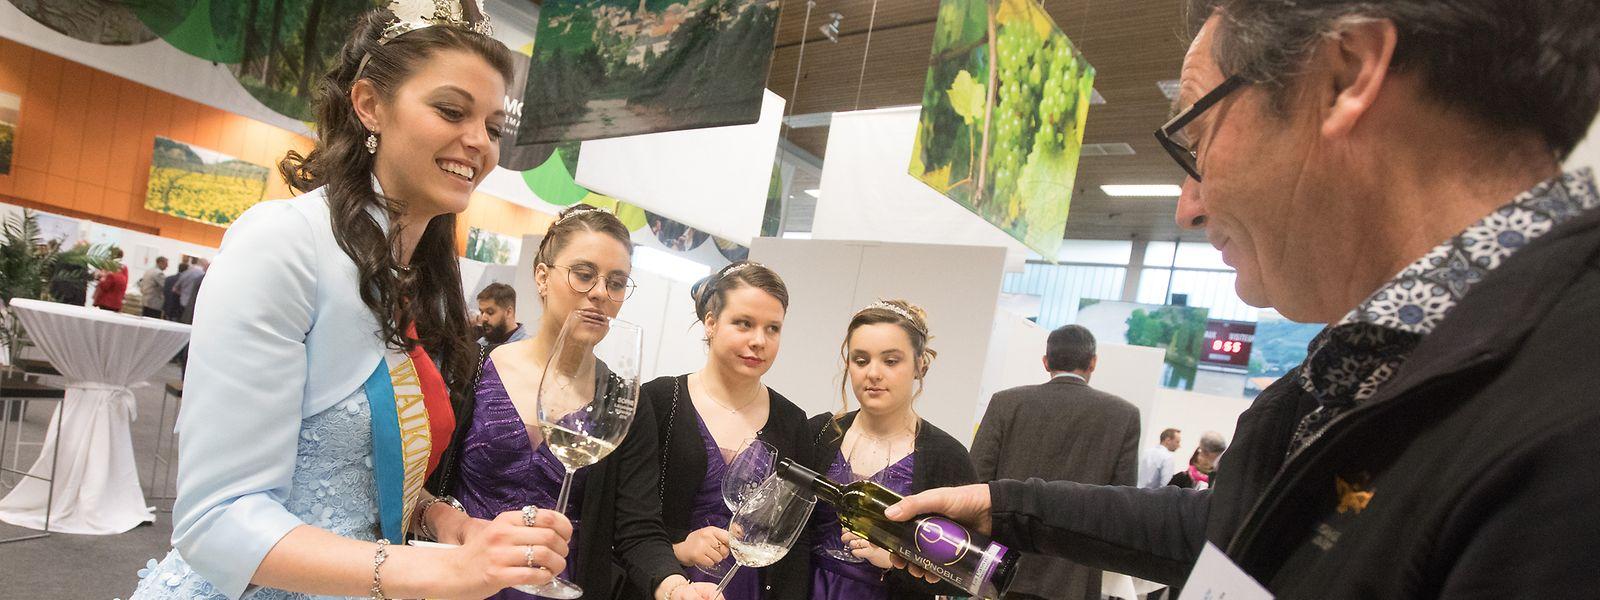 Der Weinkönigin Sophie und ihren Prinzessinnen wird weißer Wein eingeschenkt.